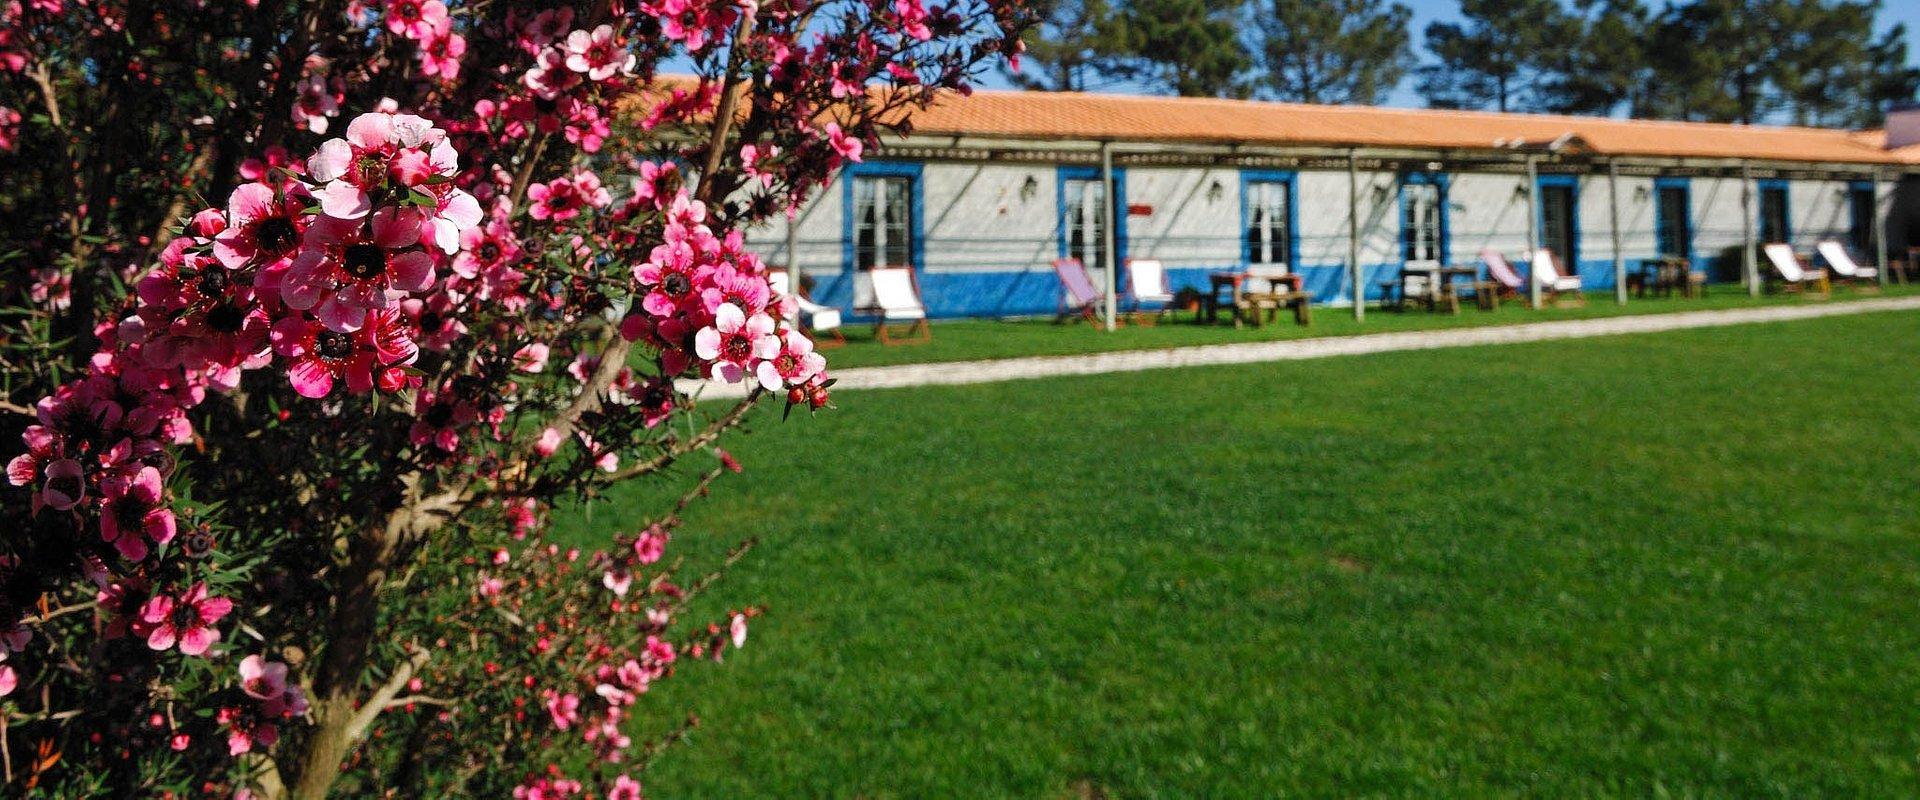 Small Portuguese Hotels sugere um agosto tranquilo no campo